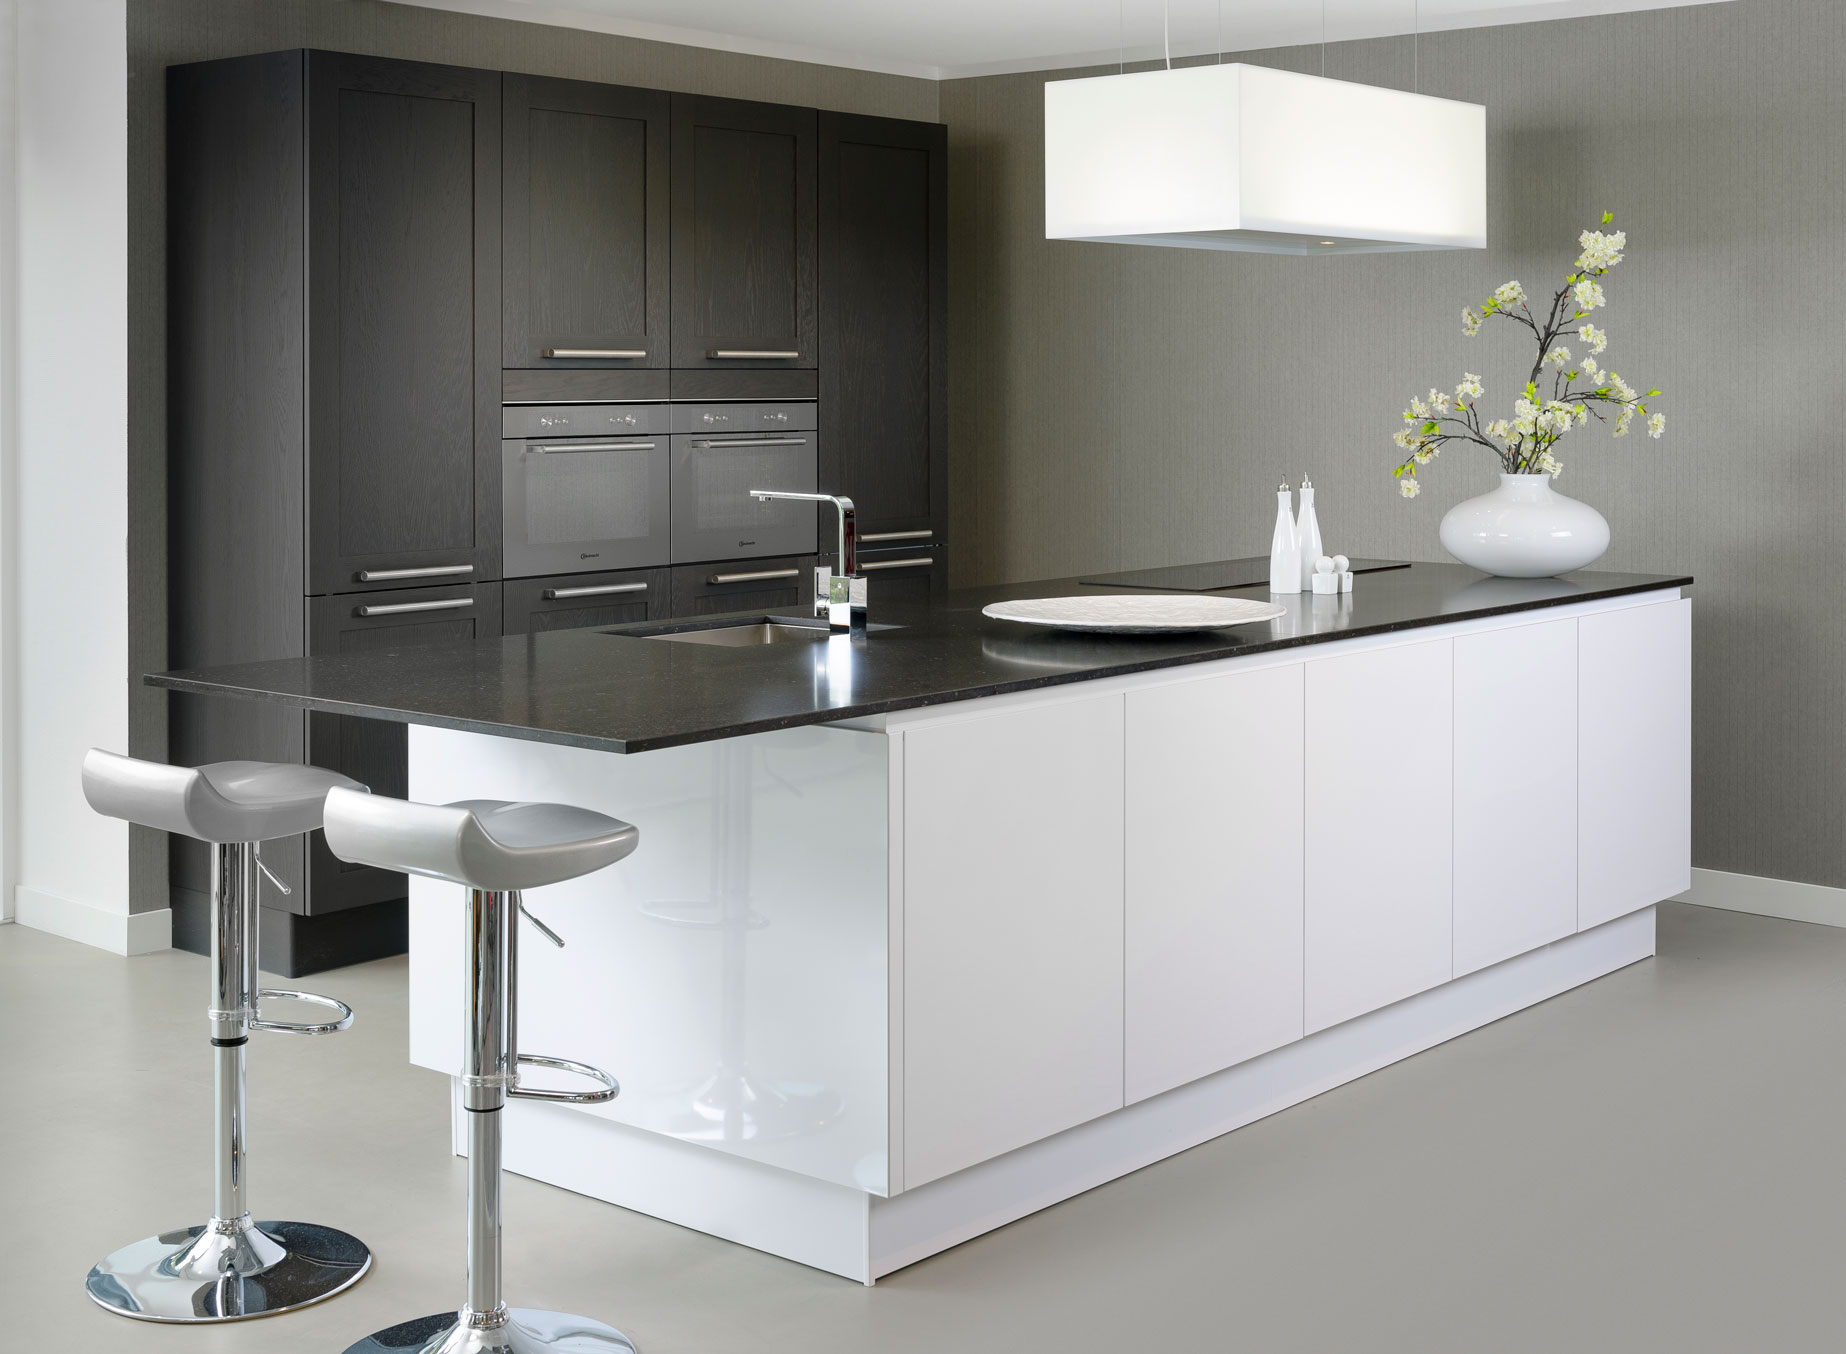 Nieuwe keuken kopen kies hier eerst jouw keukenstijl nieuws startpagina voor keuken idee n - Moderne keuken kleur ...